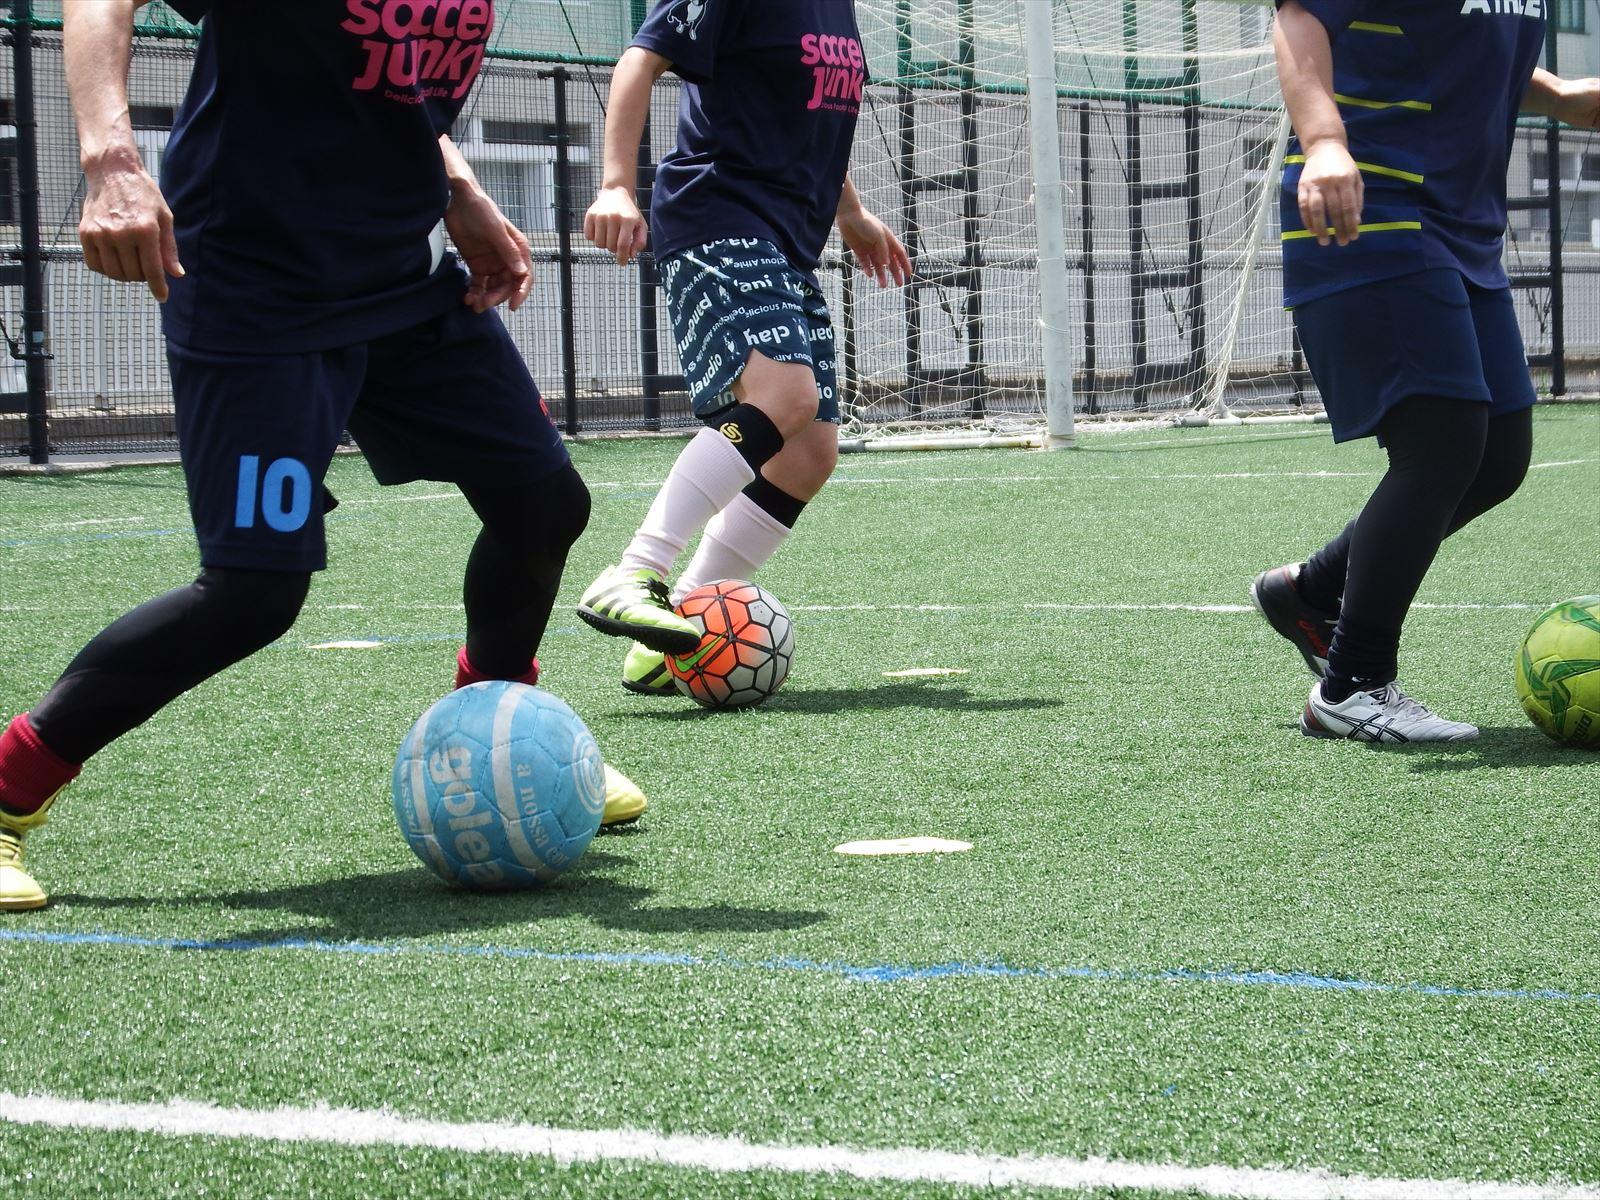 西が丘レディースサッカー教室 2020年7月の活動スケジュール